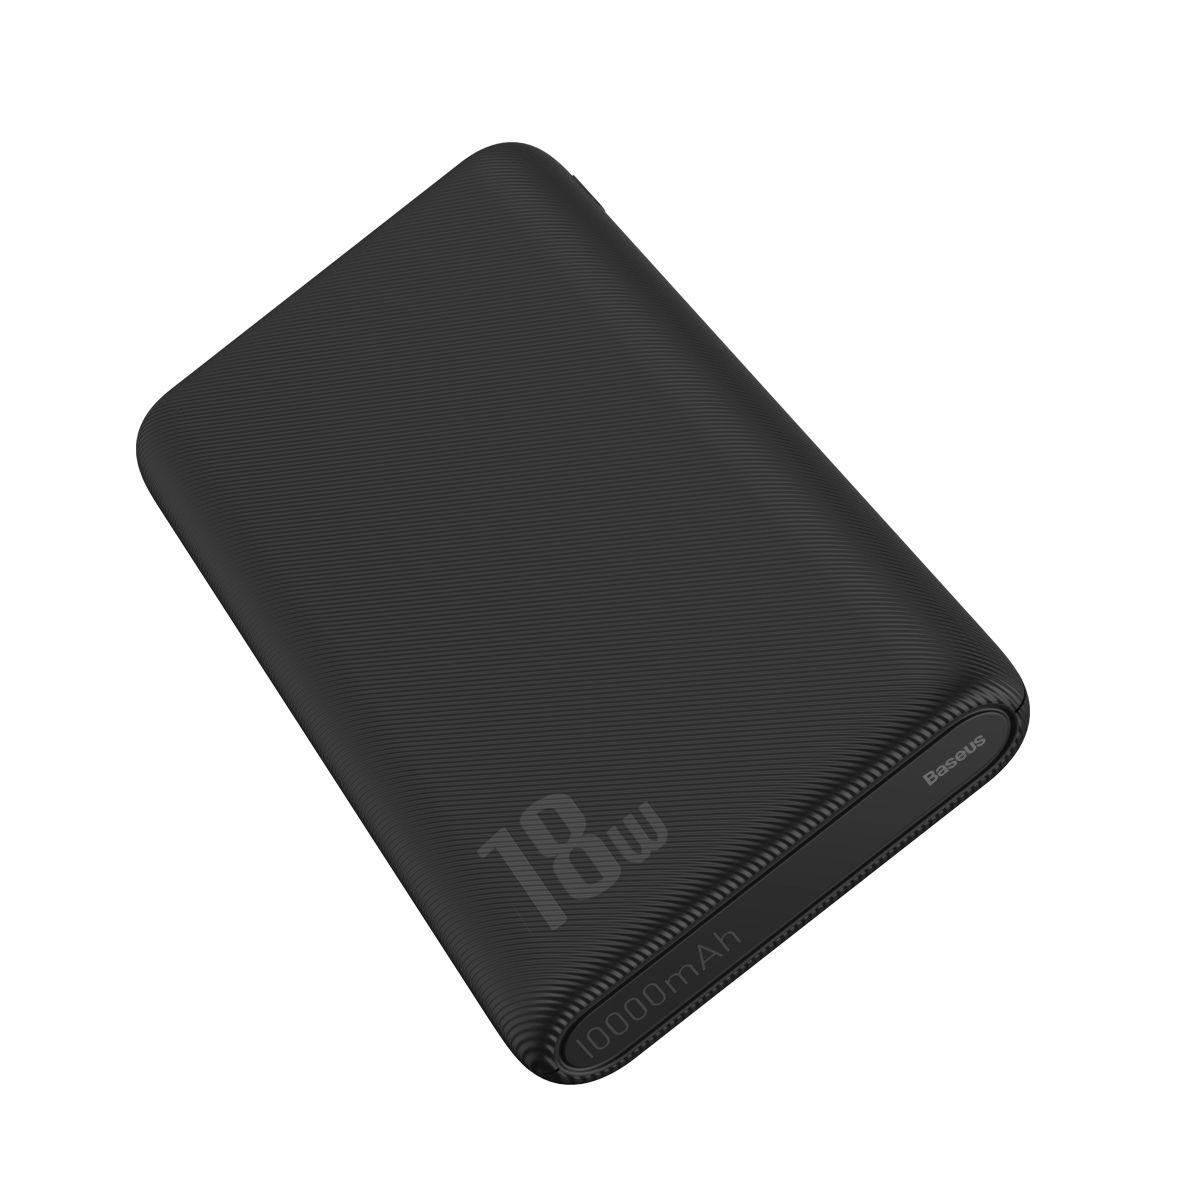 Carregador Portátil Baseus Bipow PD+QC 10000mAh 18W